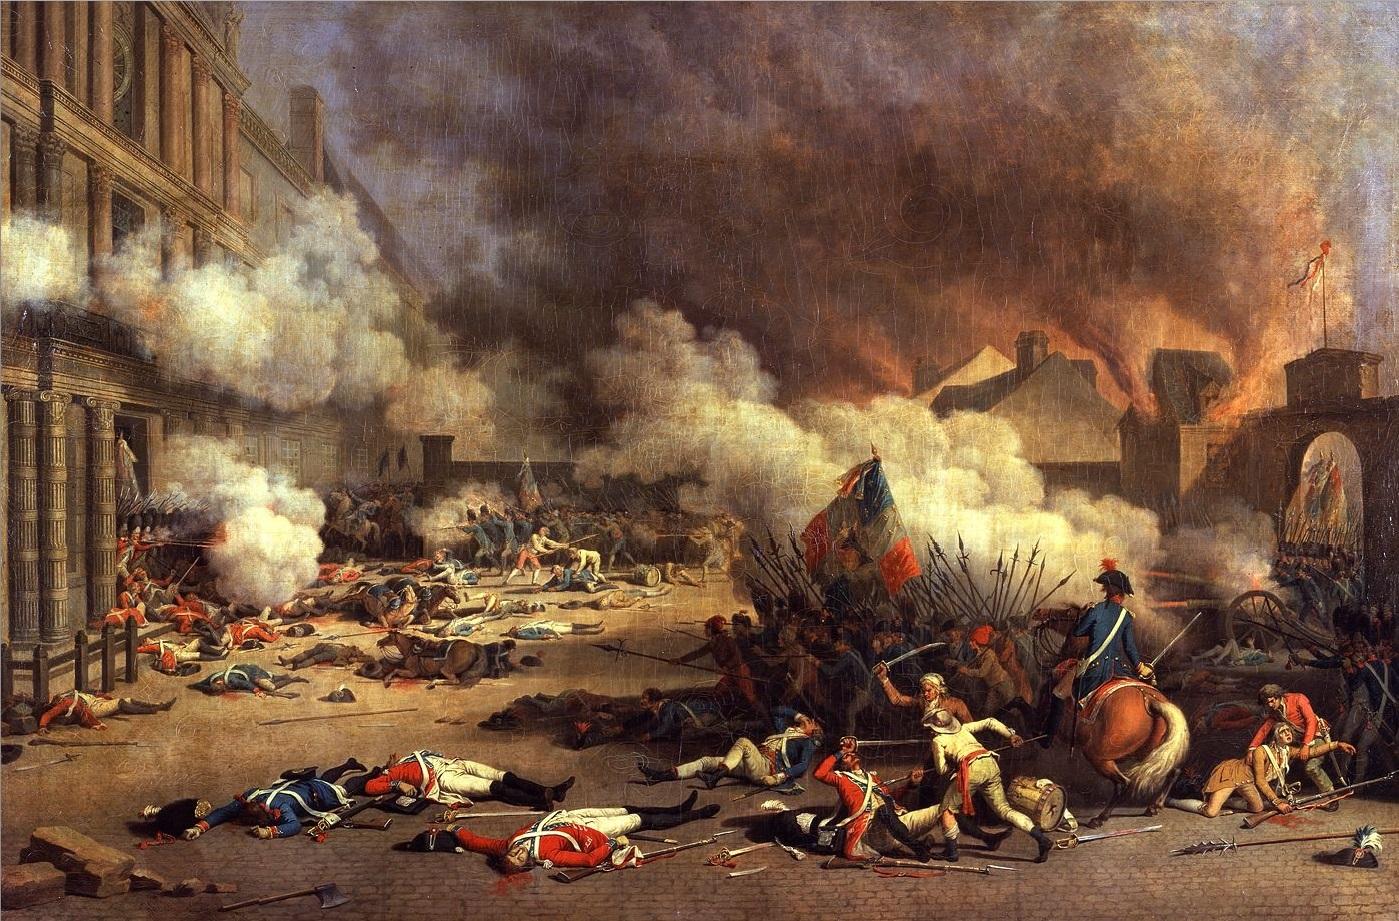 jacques_bertaux_prise_du_palais_des_tuileries_1793.jpg